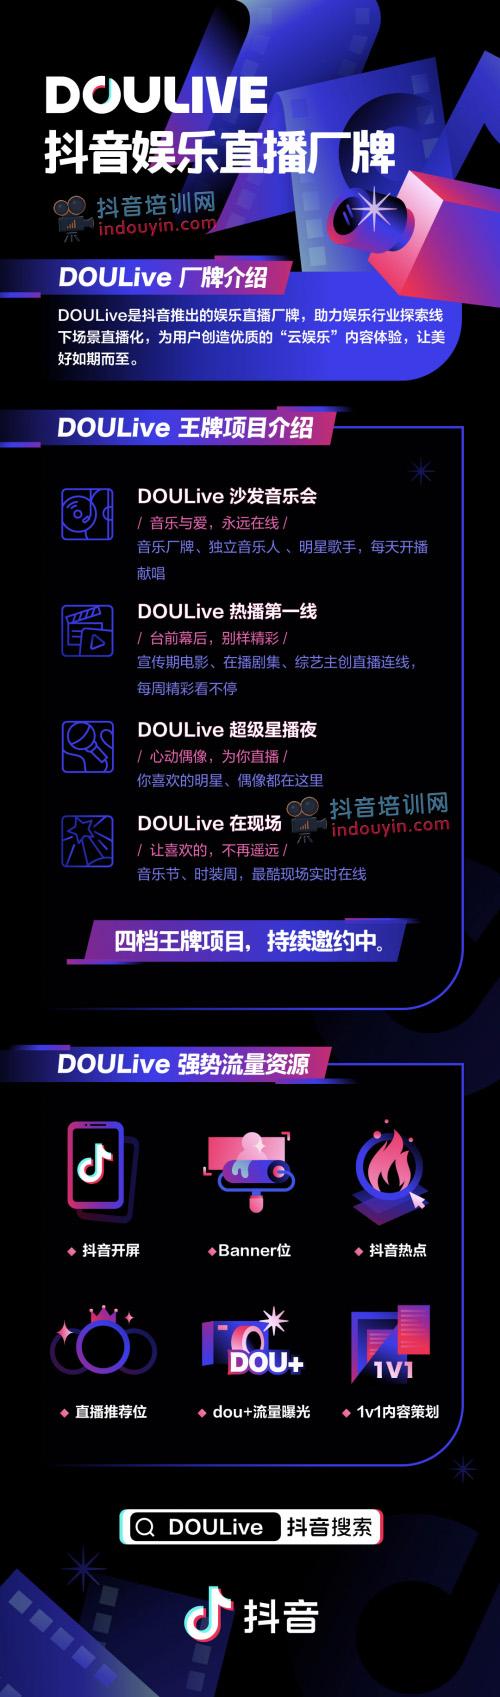 """抖音推出全新娱乐直播厂牌DOULive,弦子现身直播间再现""""云合唱""""名场景"""